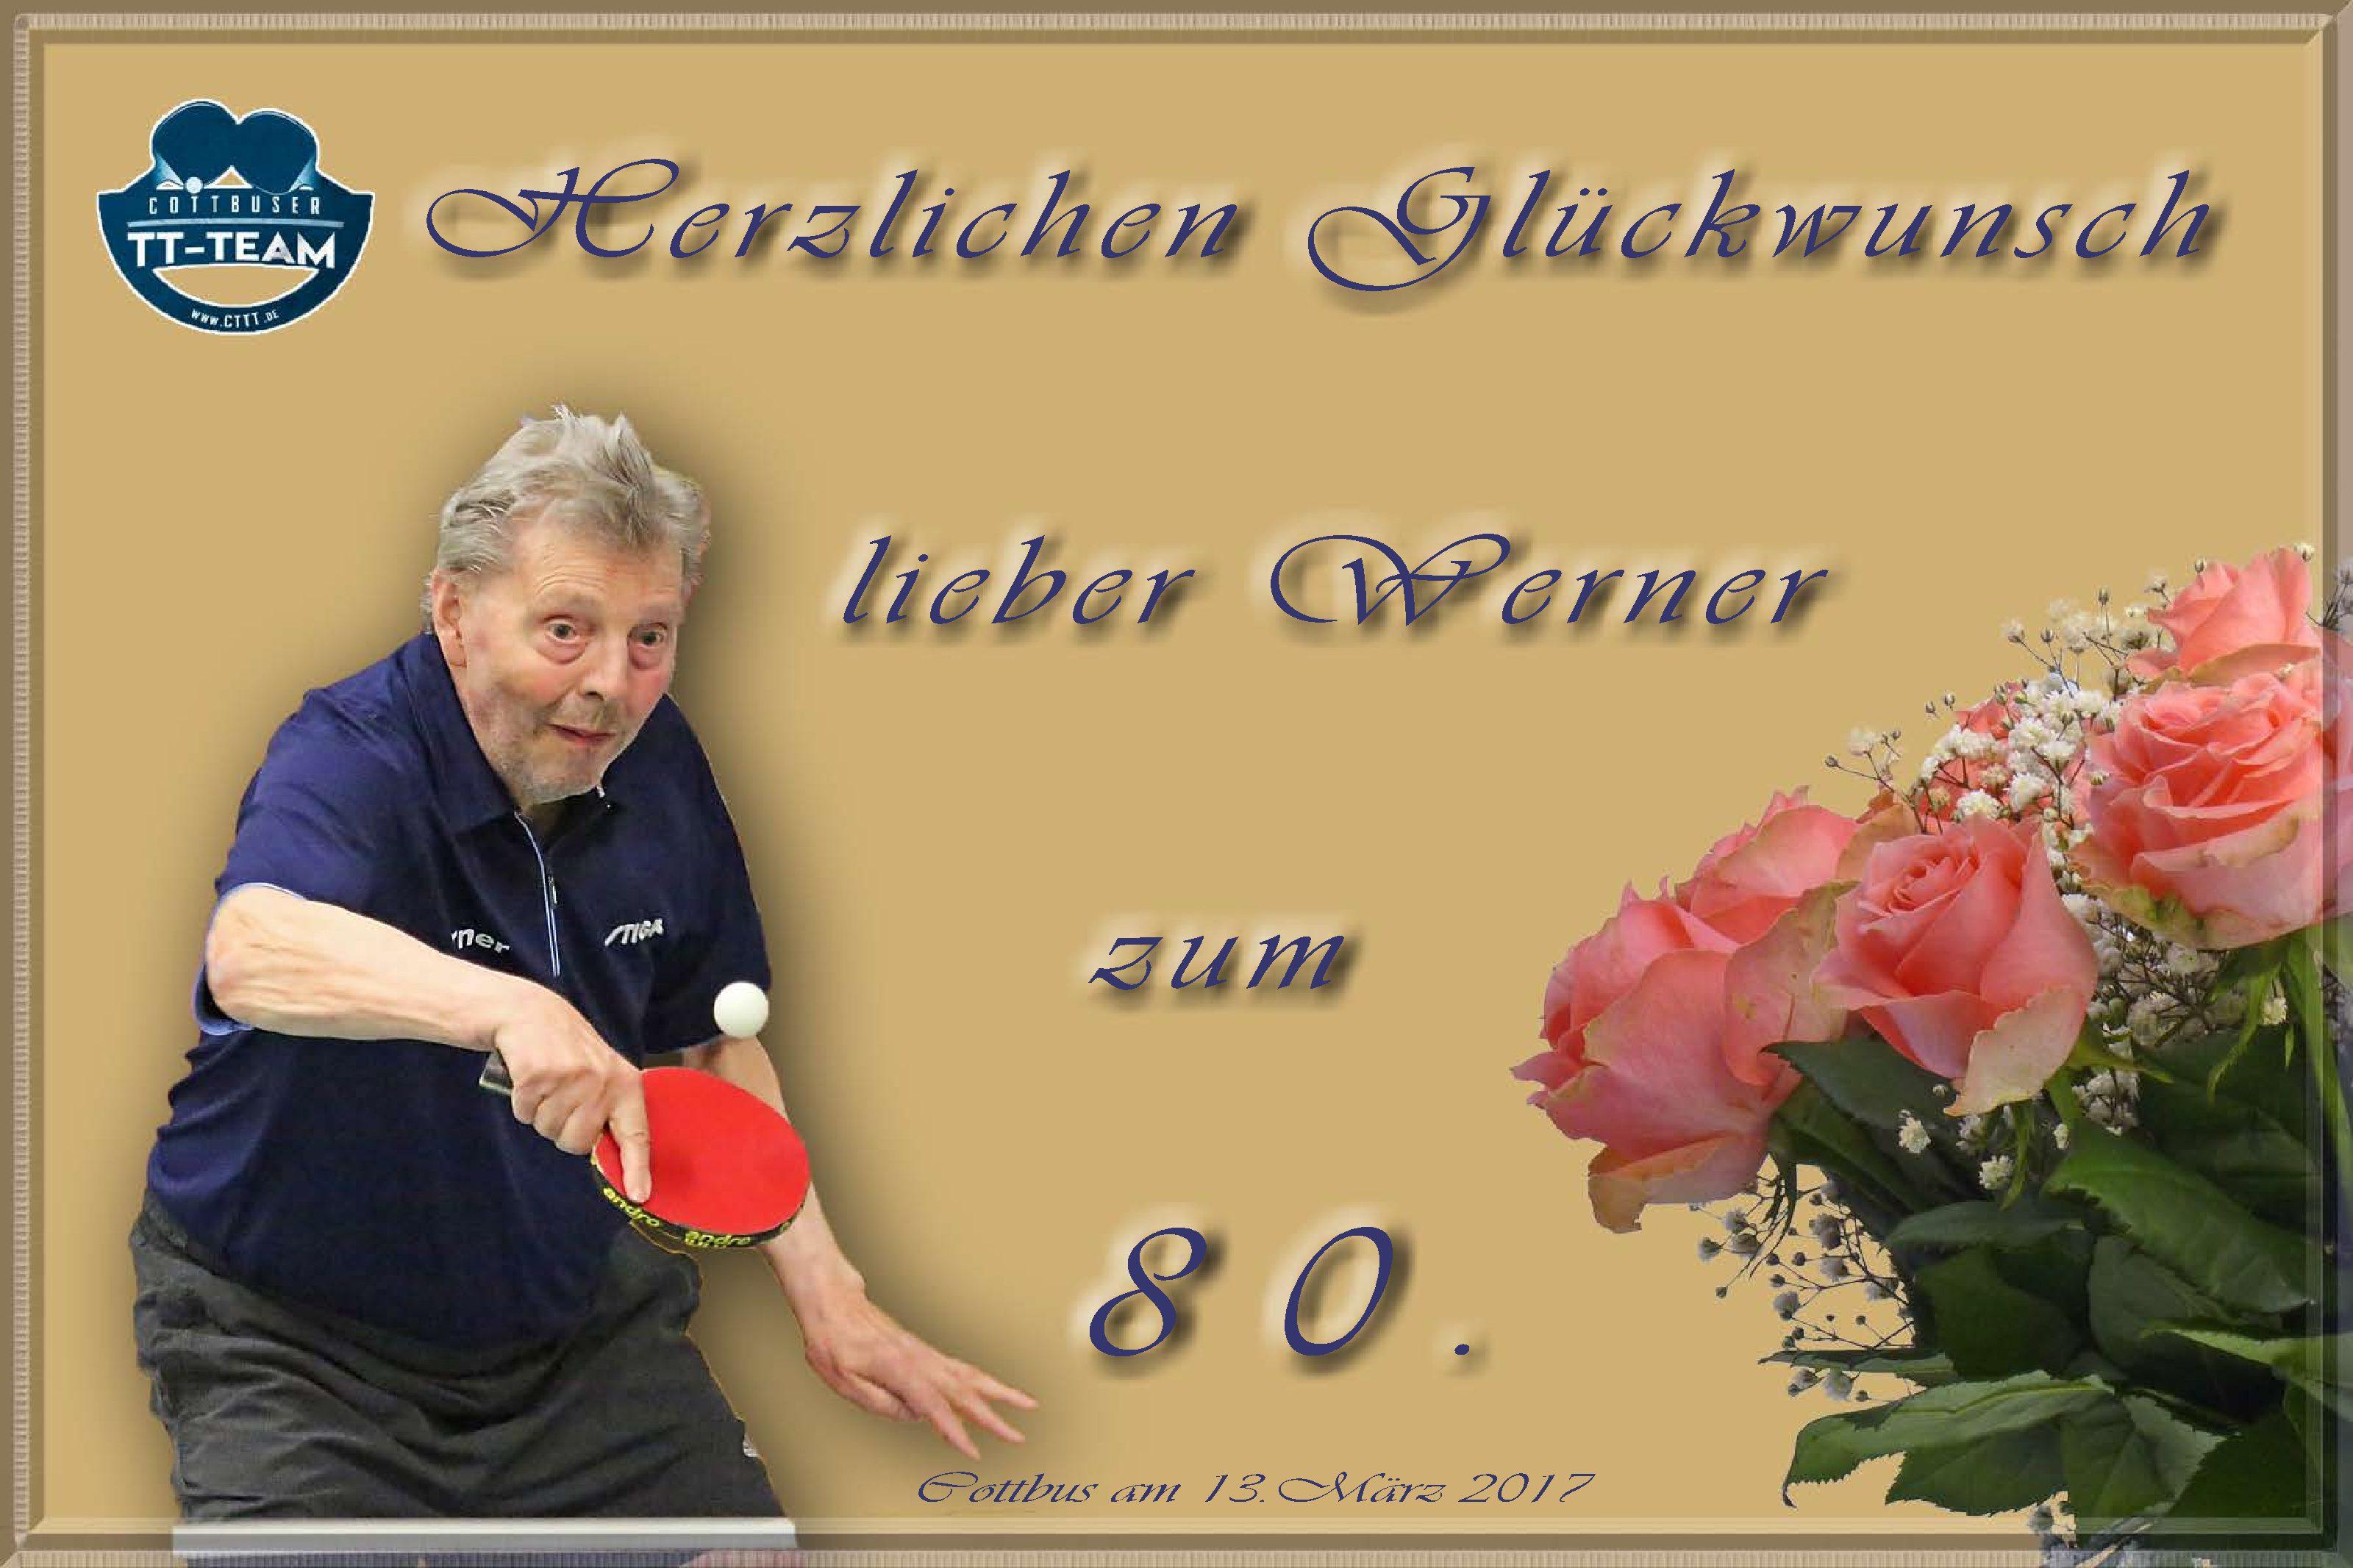 Herzlichen Glückwunsch Werner!